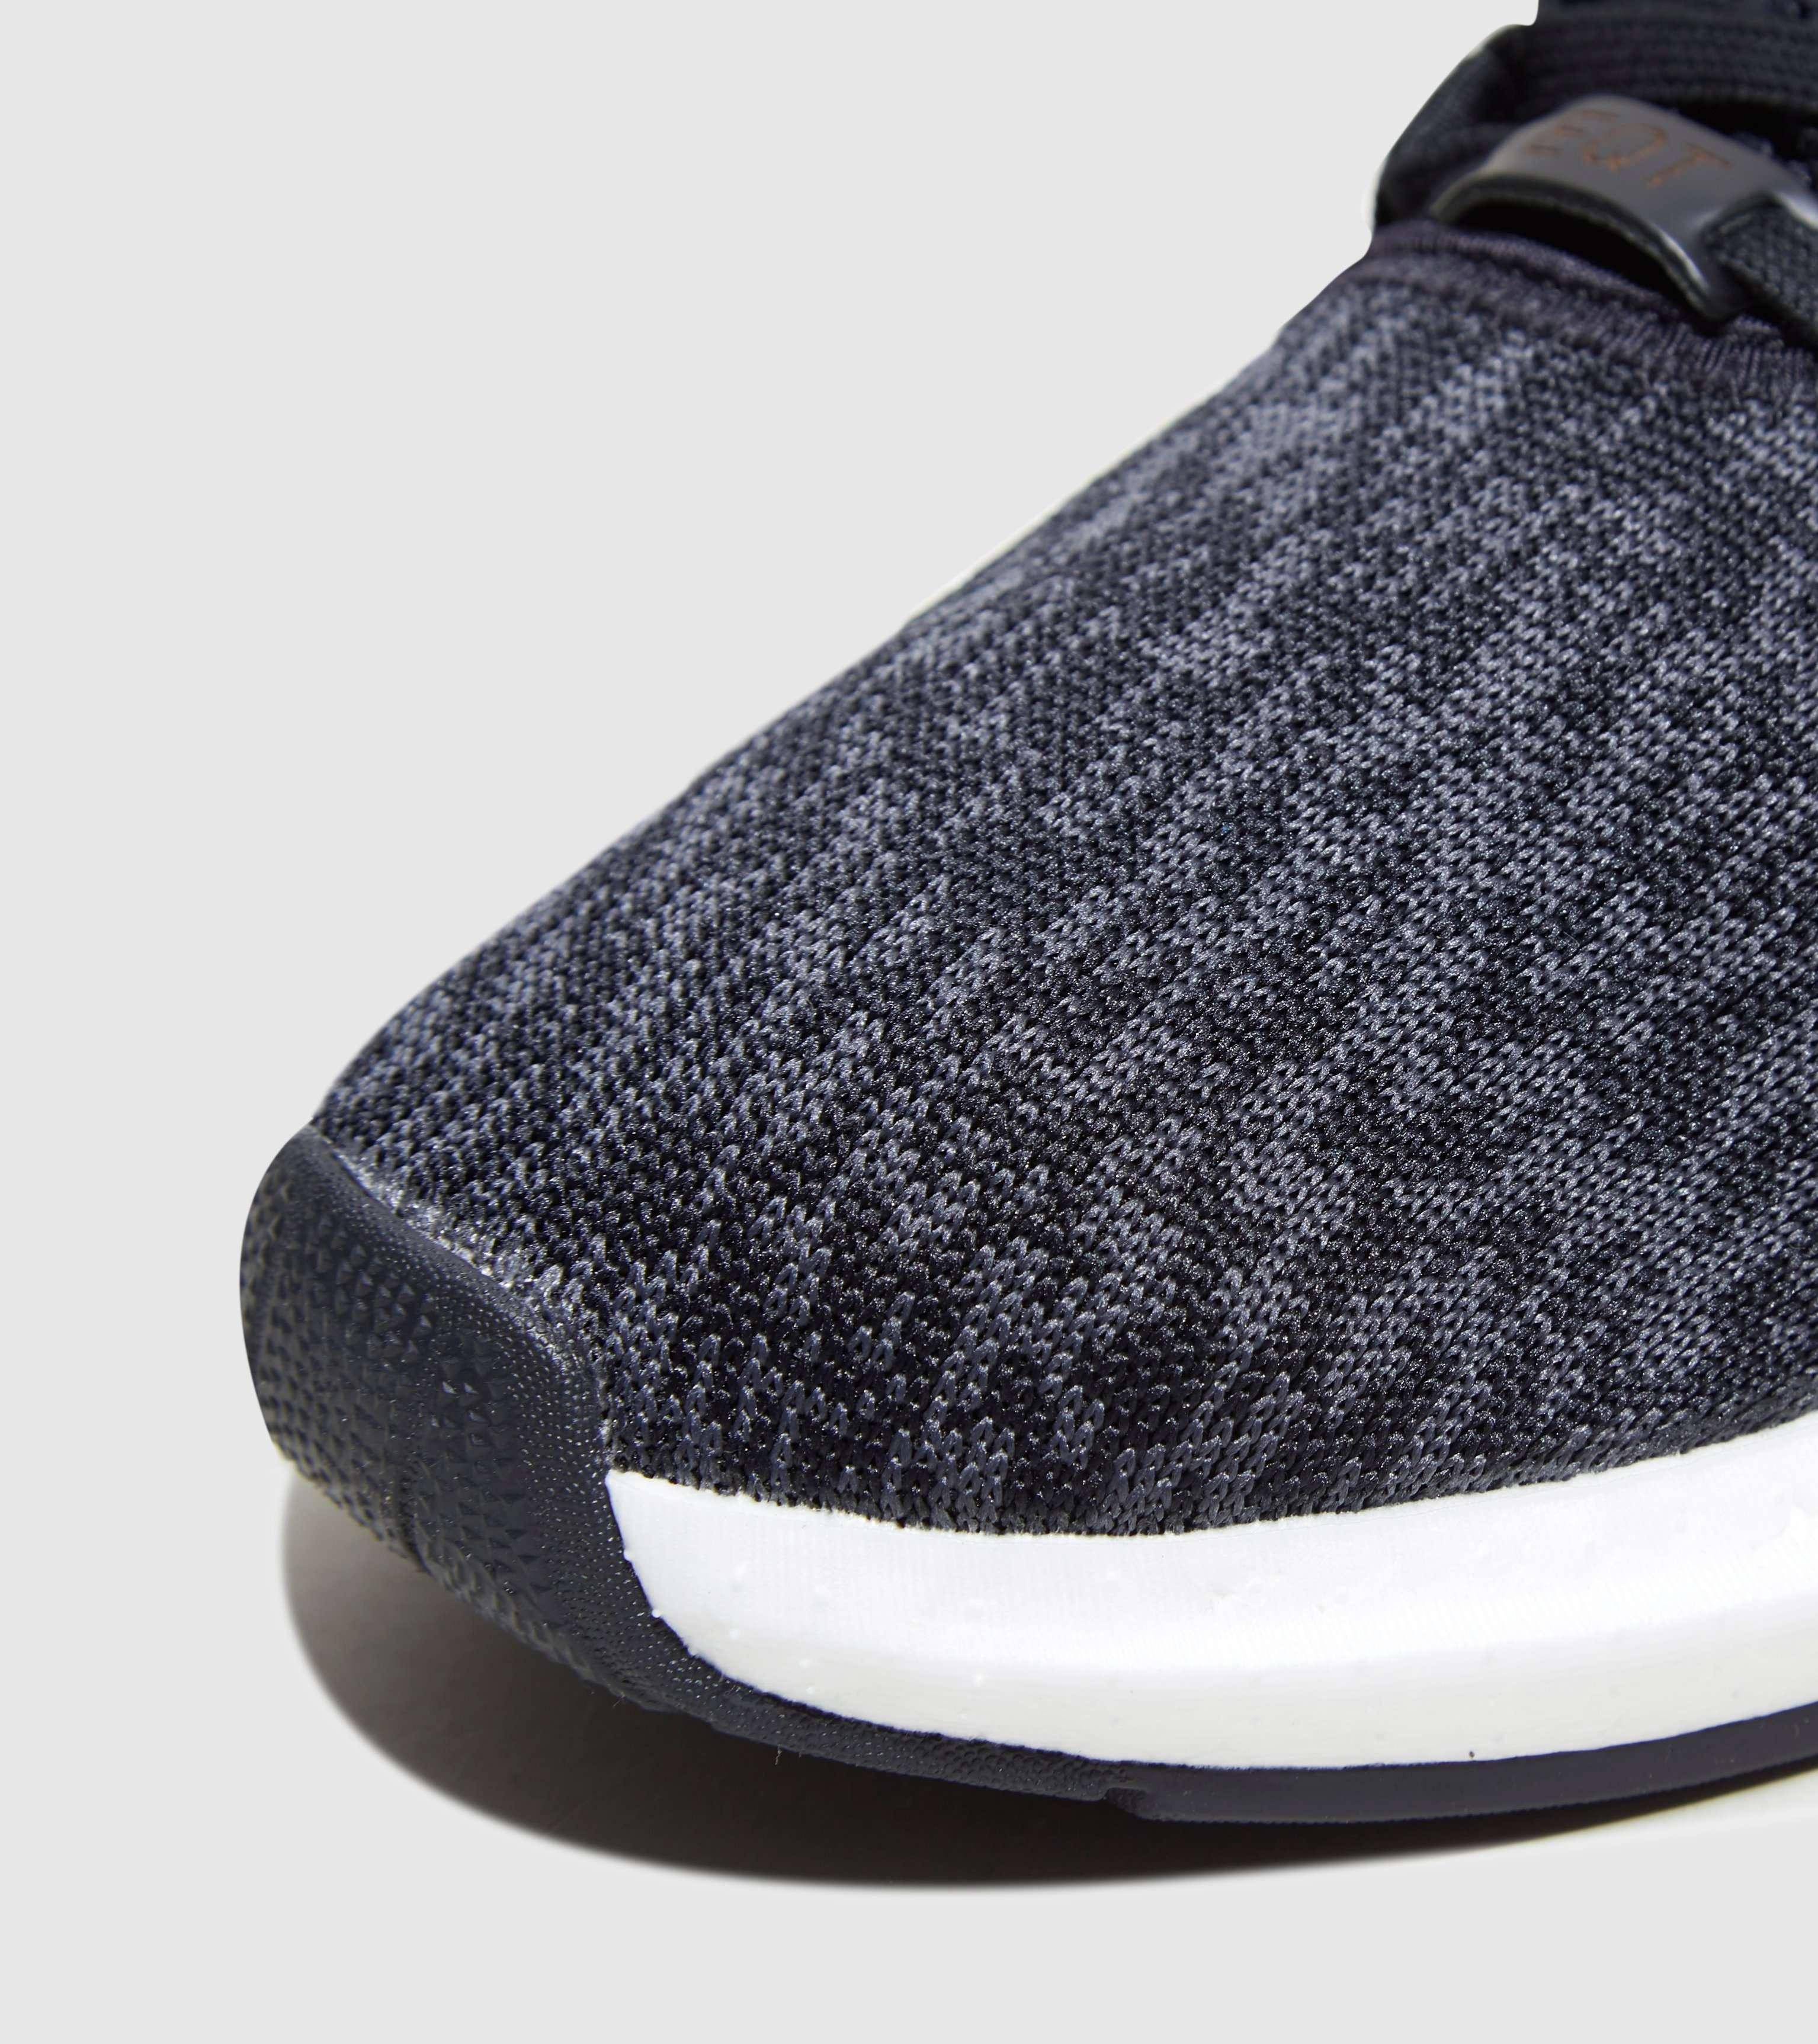 adidas Originals EQT Support Boost 93/17